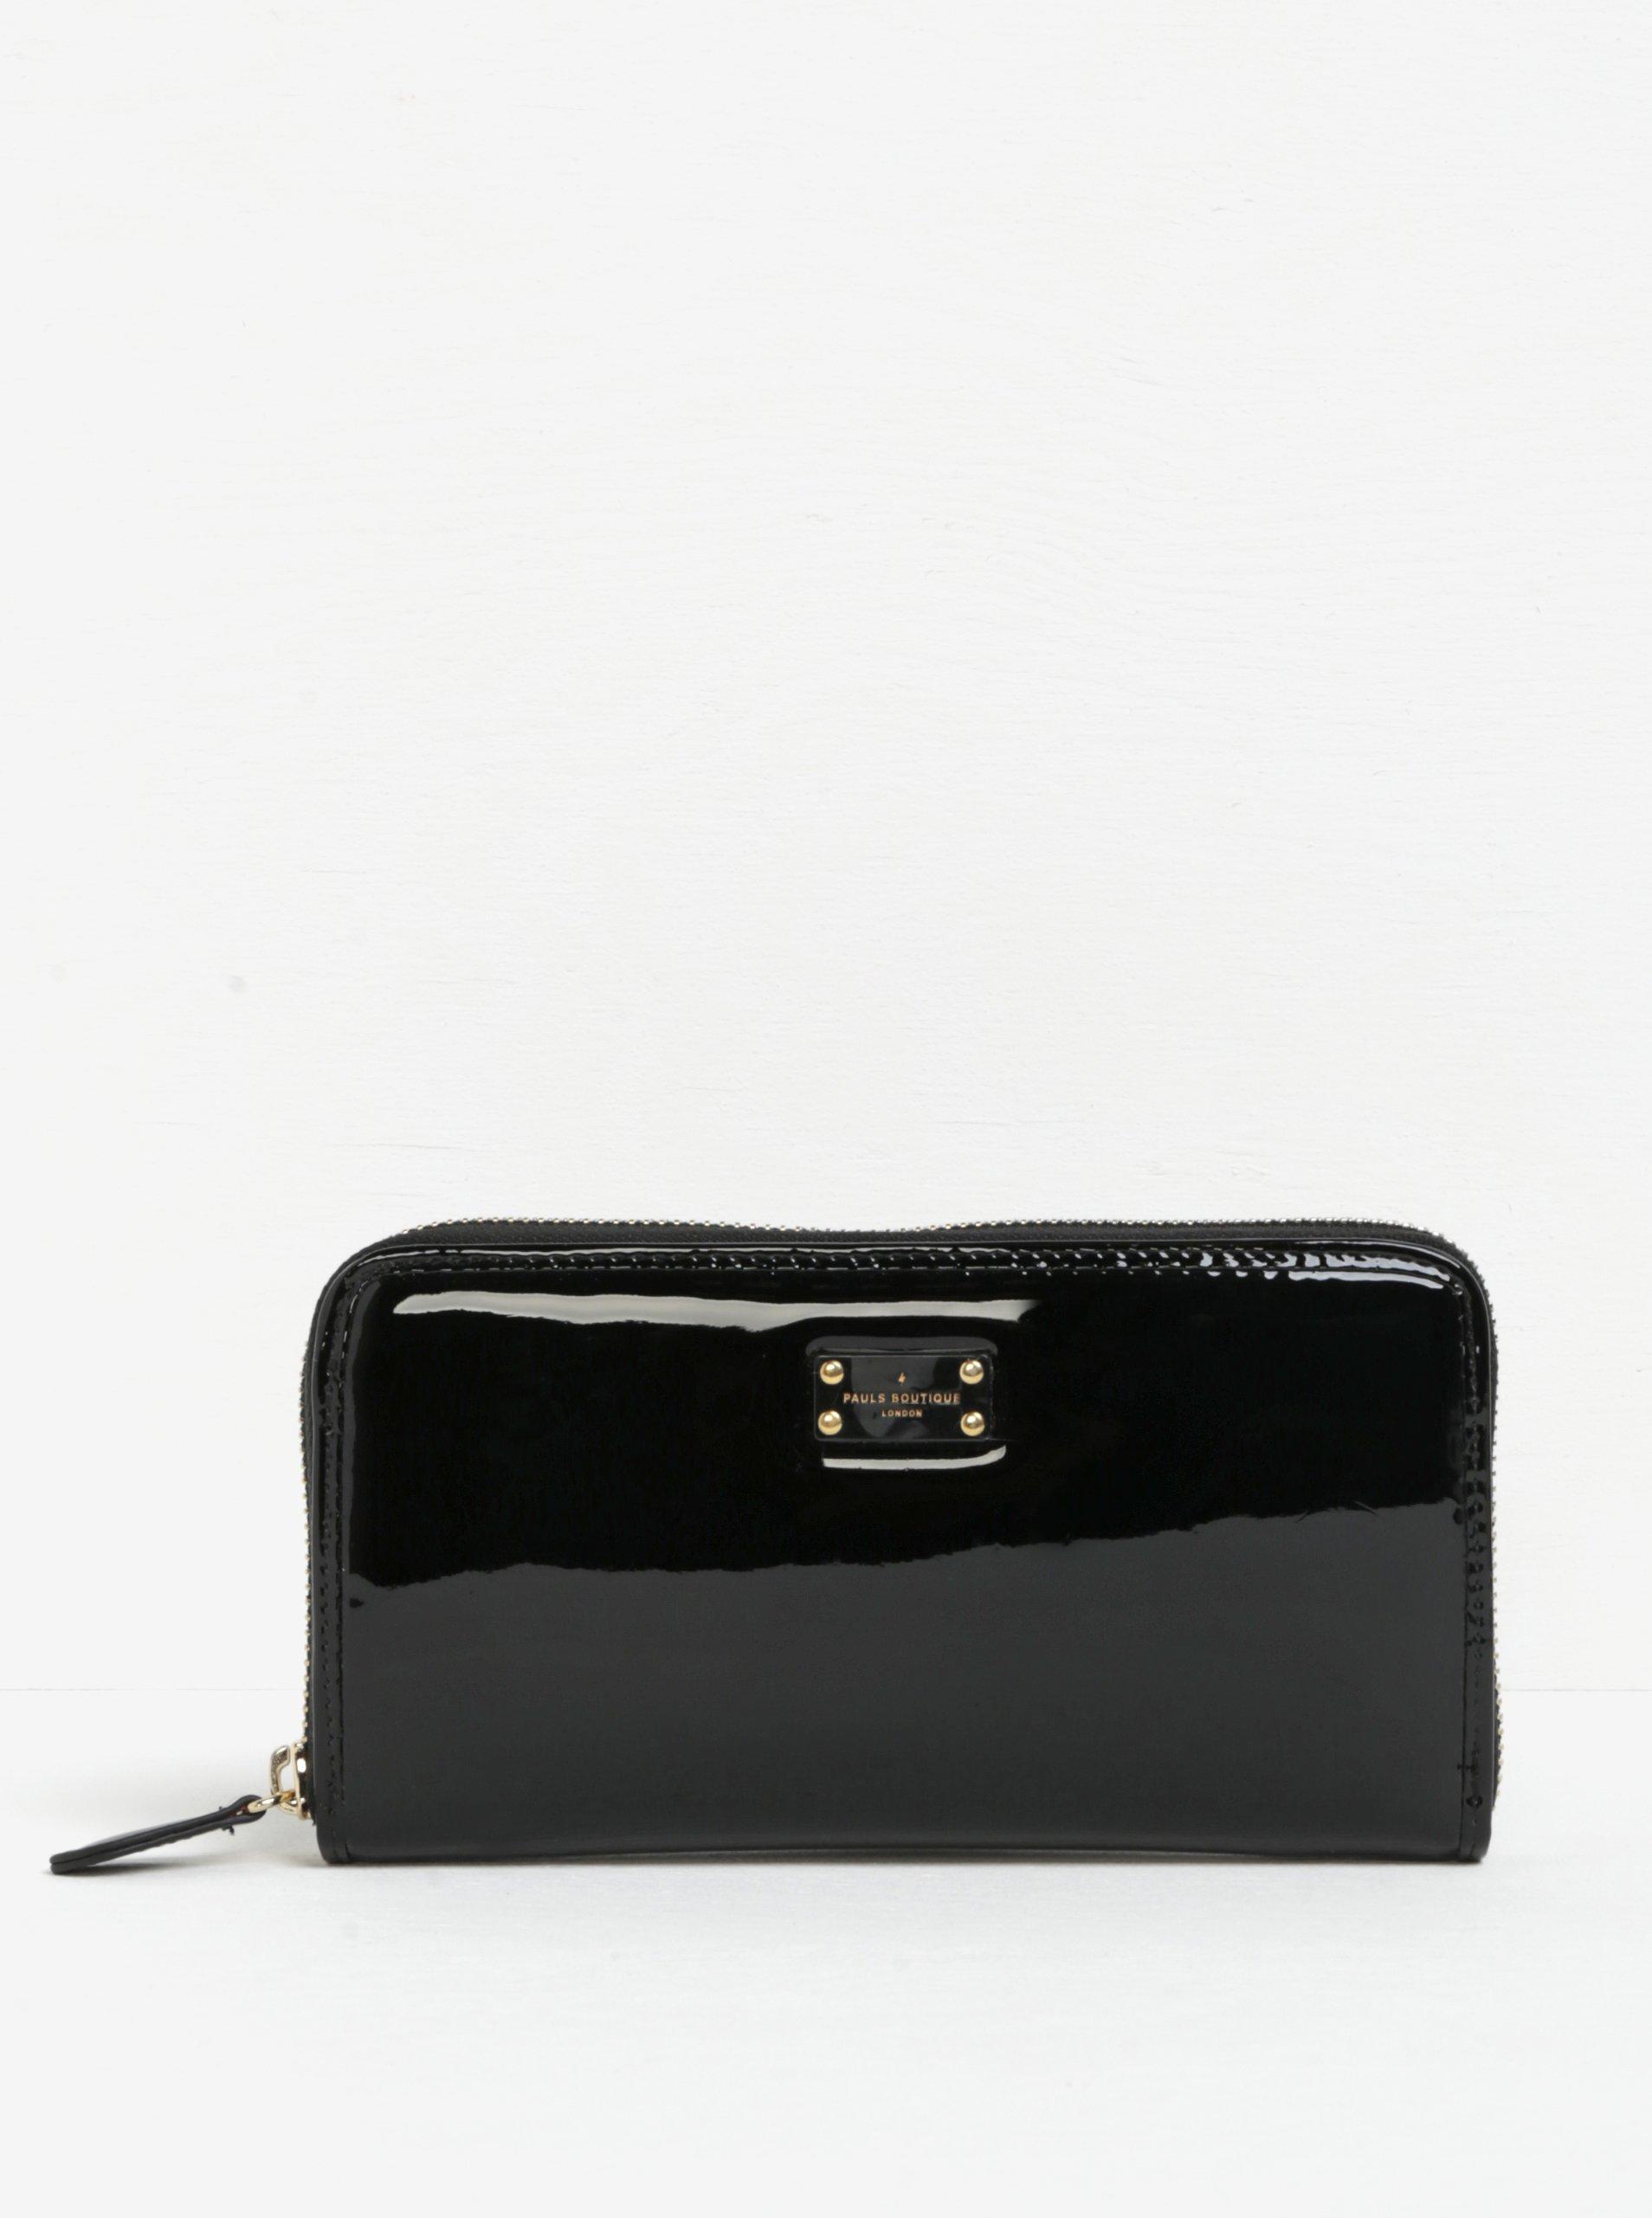 Černá lesklá peněženka s neonovým vnitřkem Paul's Boutique Lizzie